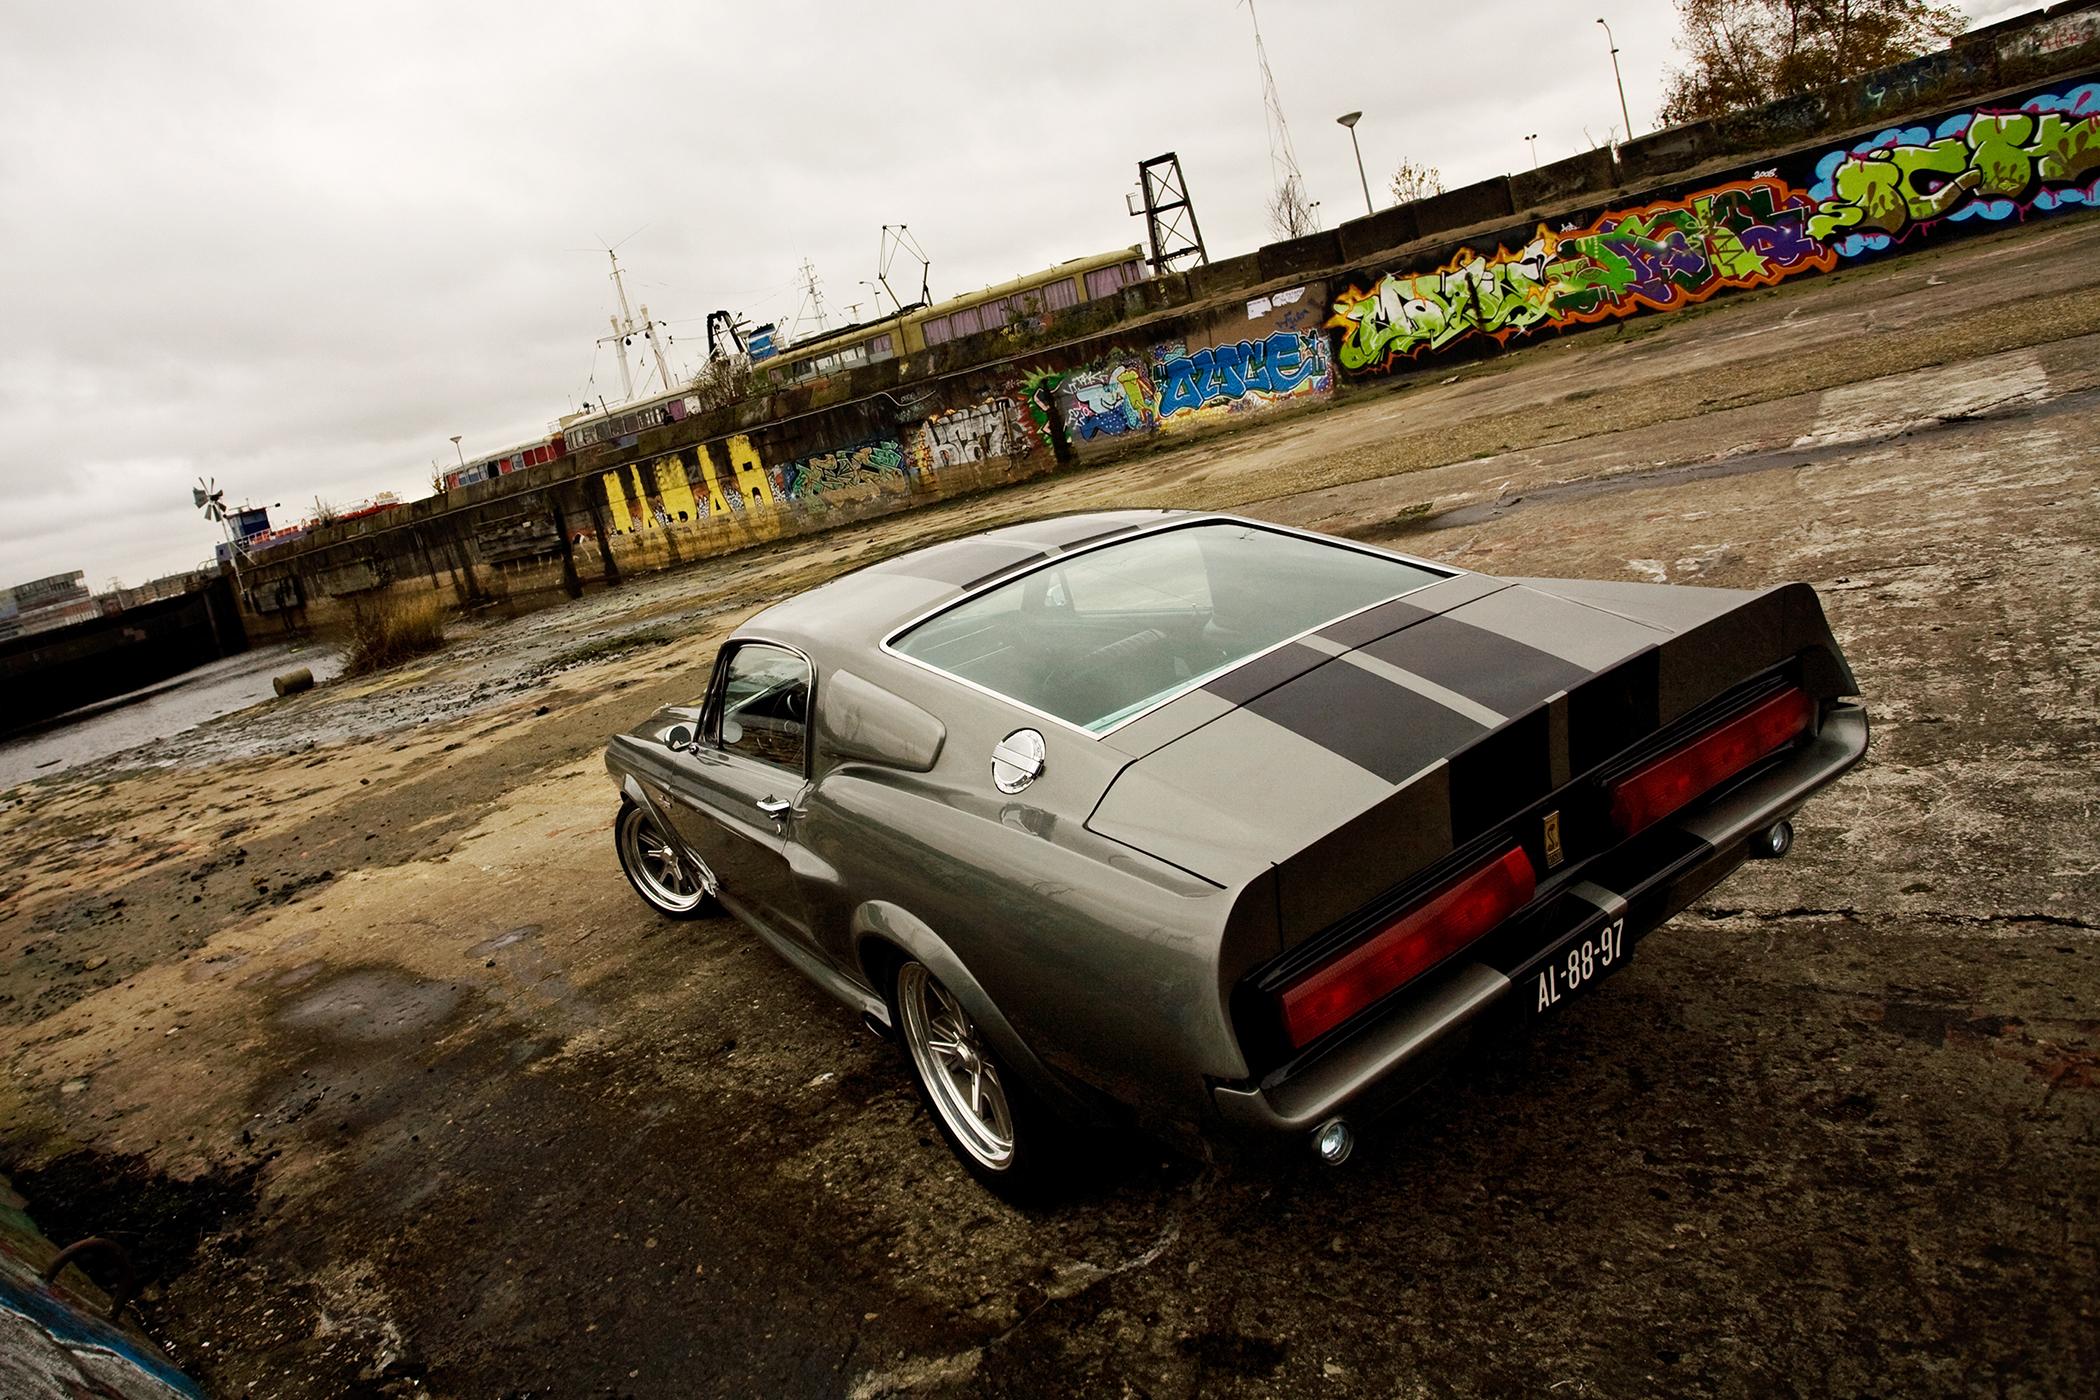 80824 Hintergrundbild herunterladen Ford, Eleanor, Cars, Shelby, Gt 500 - Bildschirmschoner und Bilder kostenlos